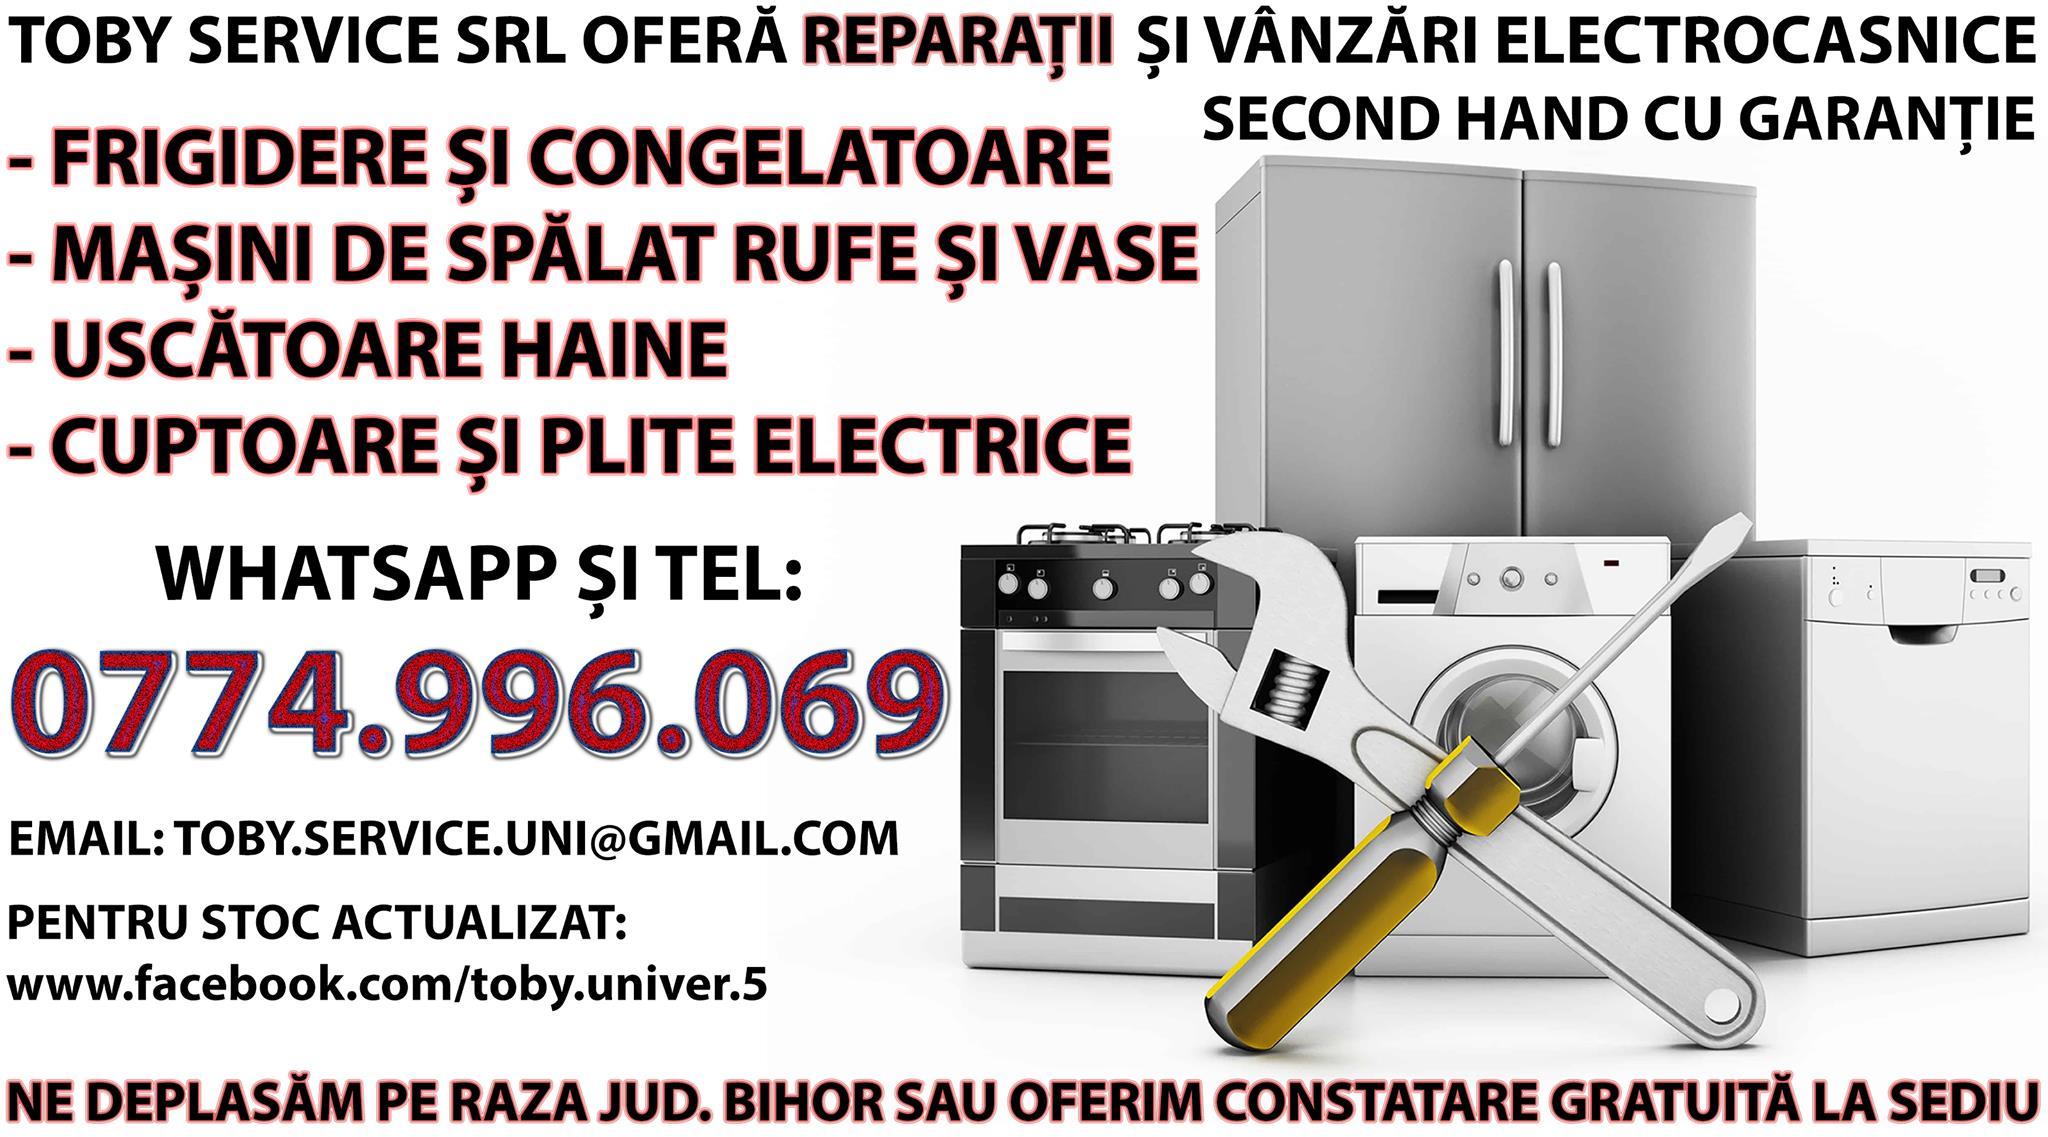 REPARATII ELECTROCASNICE MARI, MASINI DE SPALAT FRIGIDERE ORADEA